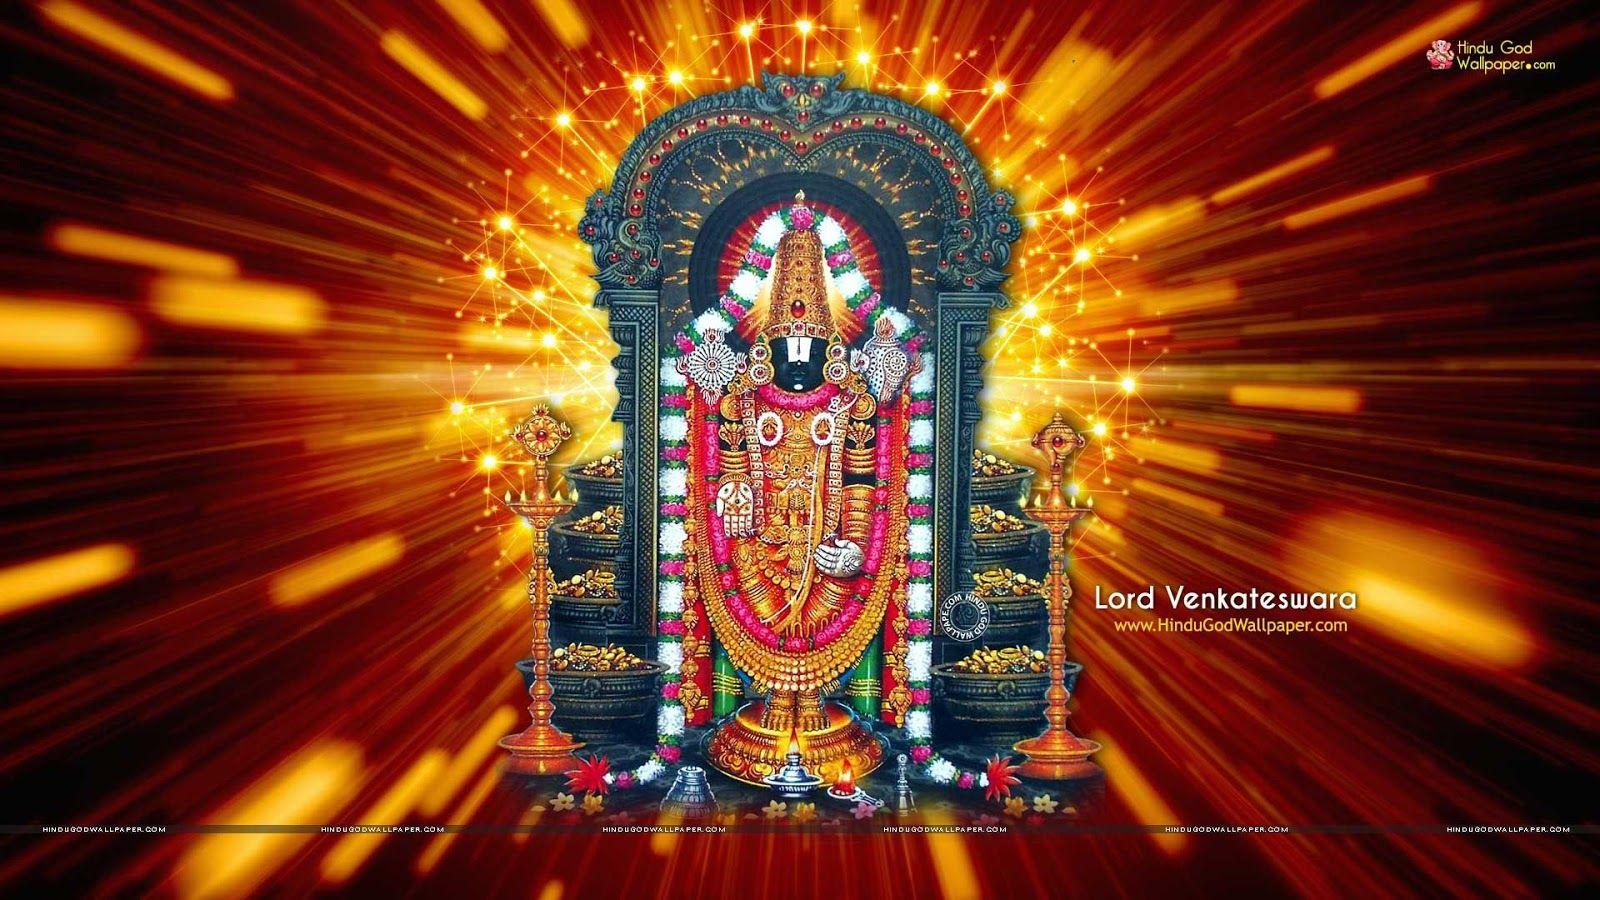 Hindu Gods Wallpaper In Hd Shiva Wallpaper Lord Shiva Hd Wallpaper Hanuman Wallpaper